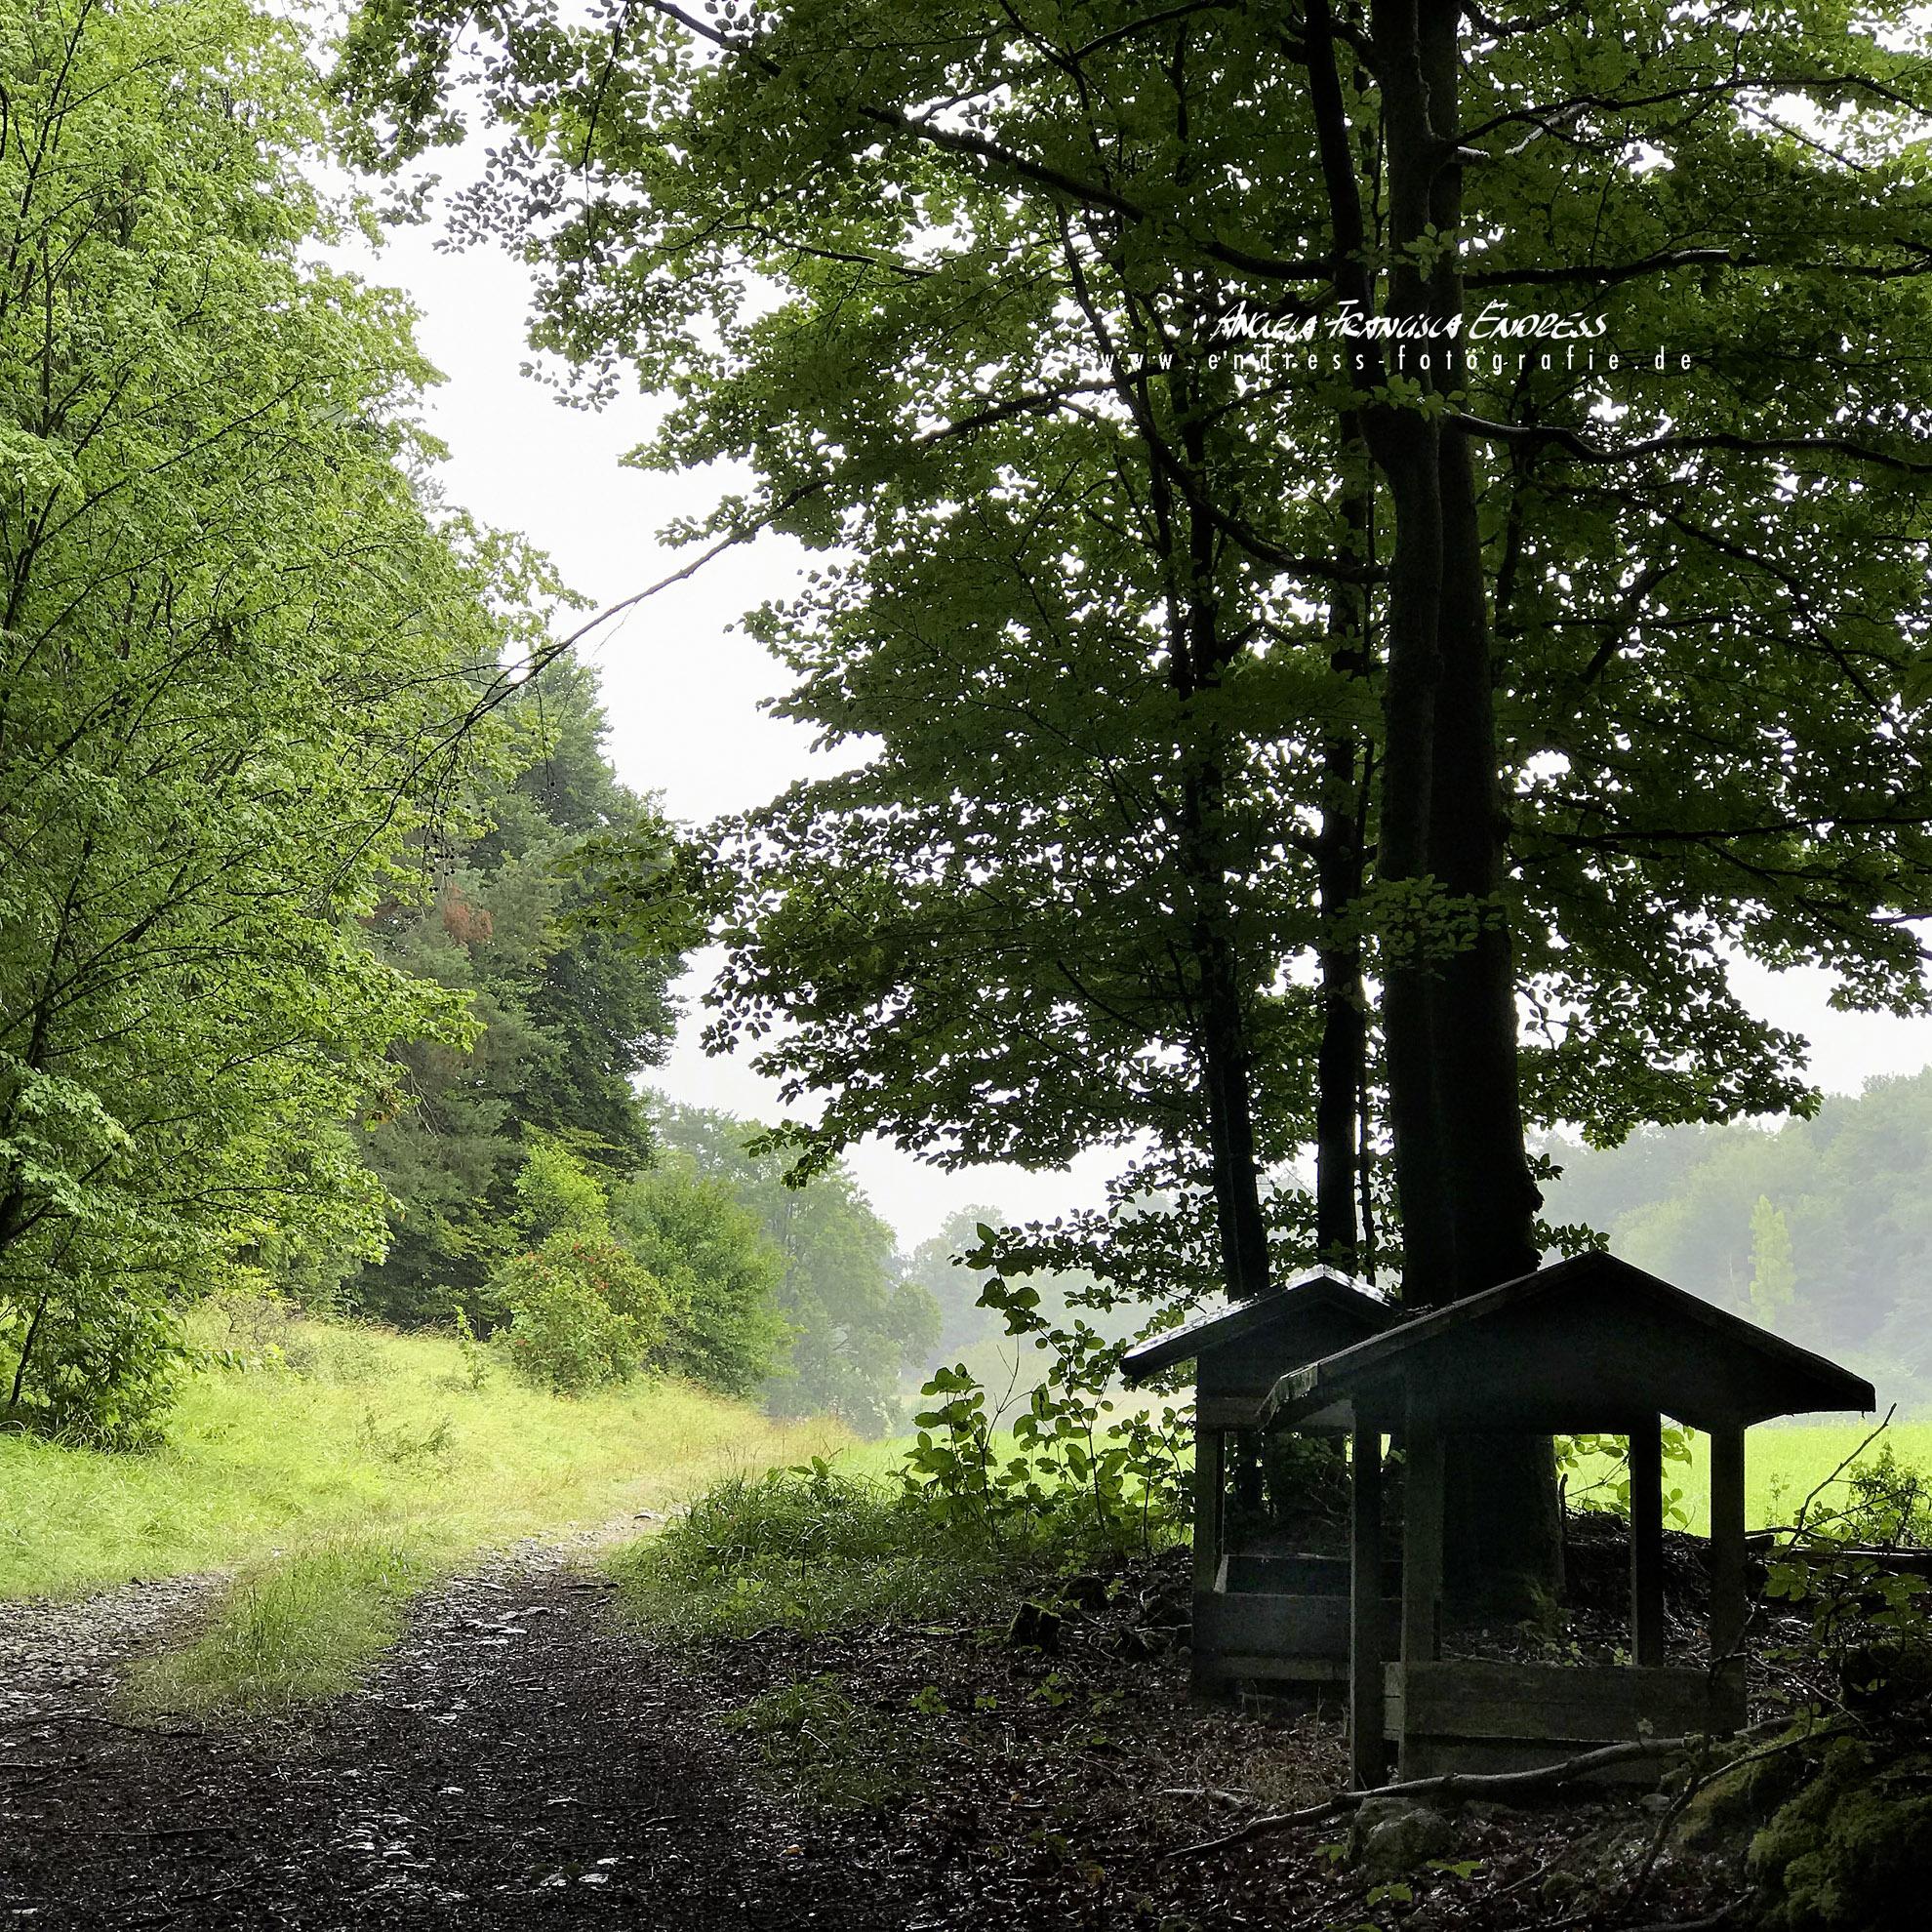 auf dem Weg aus dem Wald heraus Richtung Köttweinsdorf